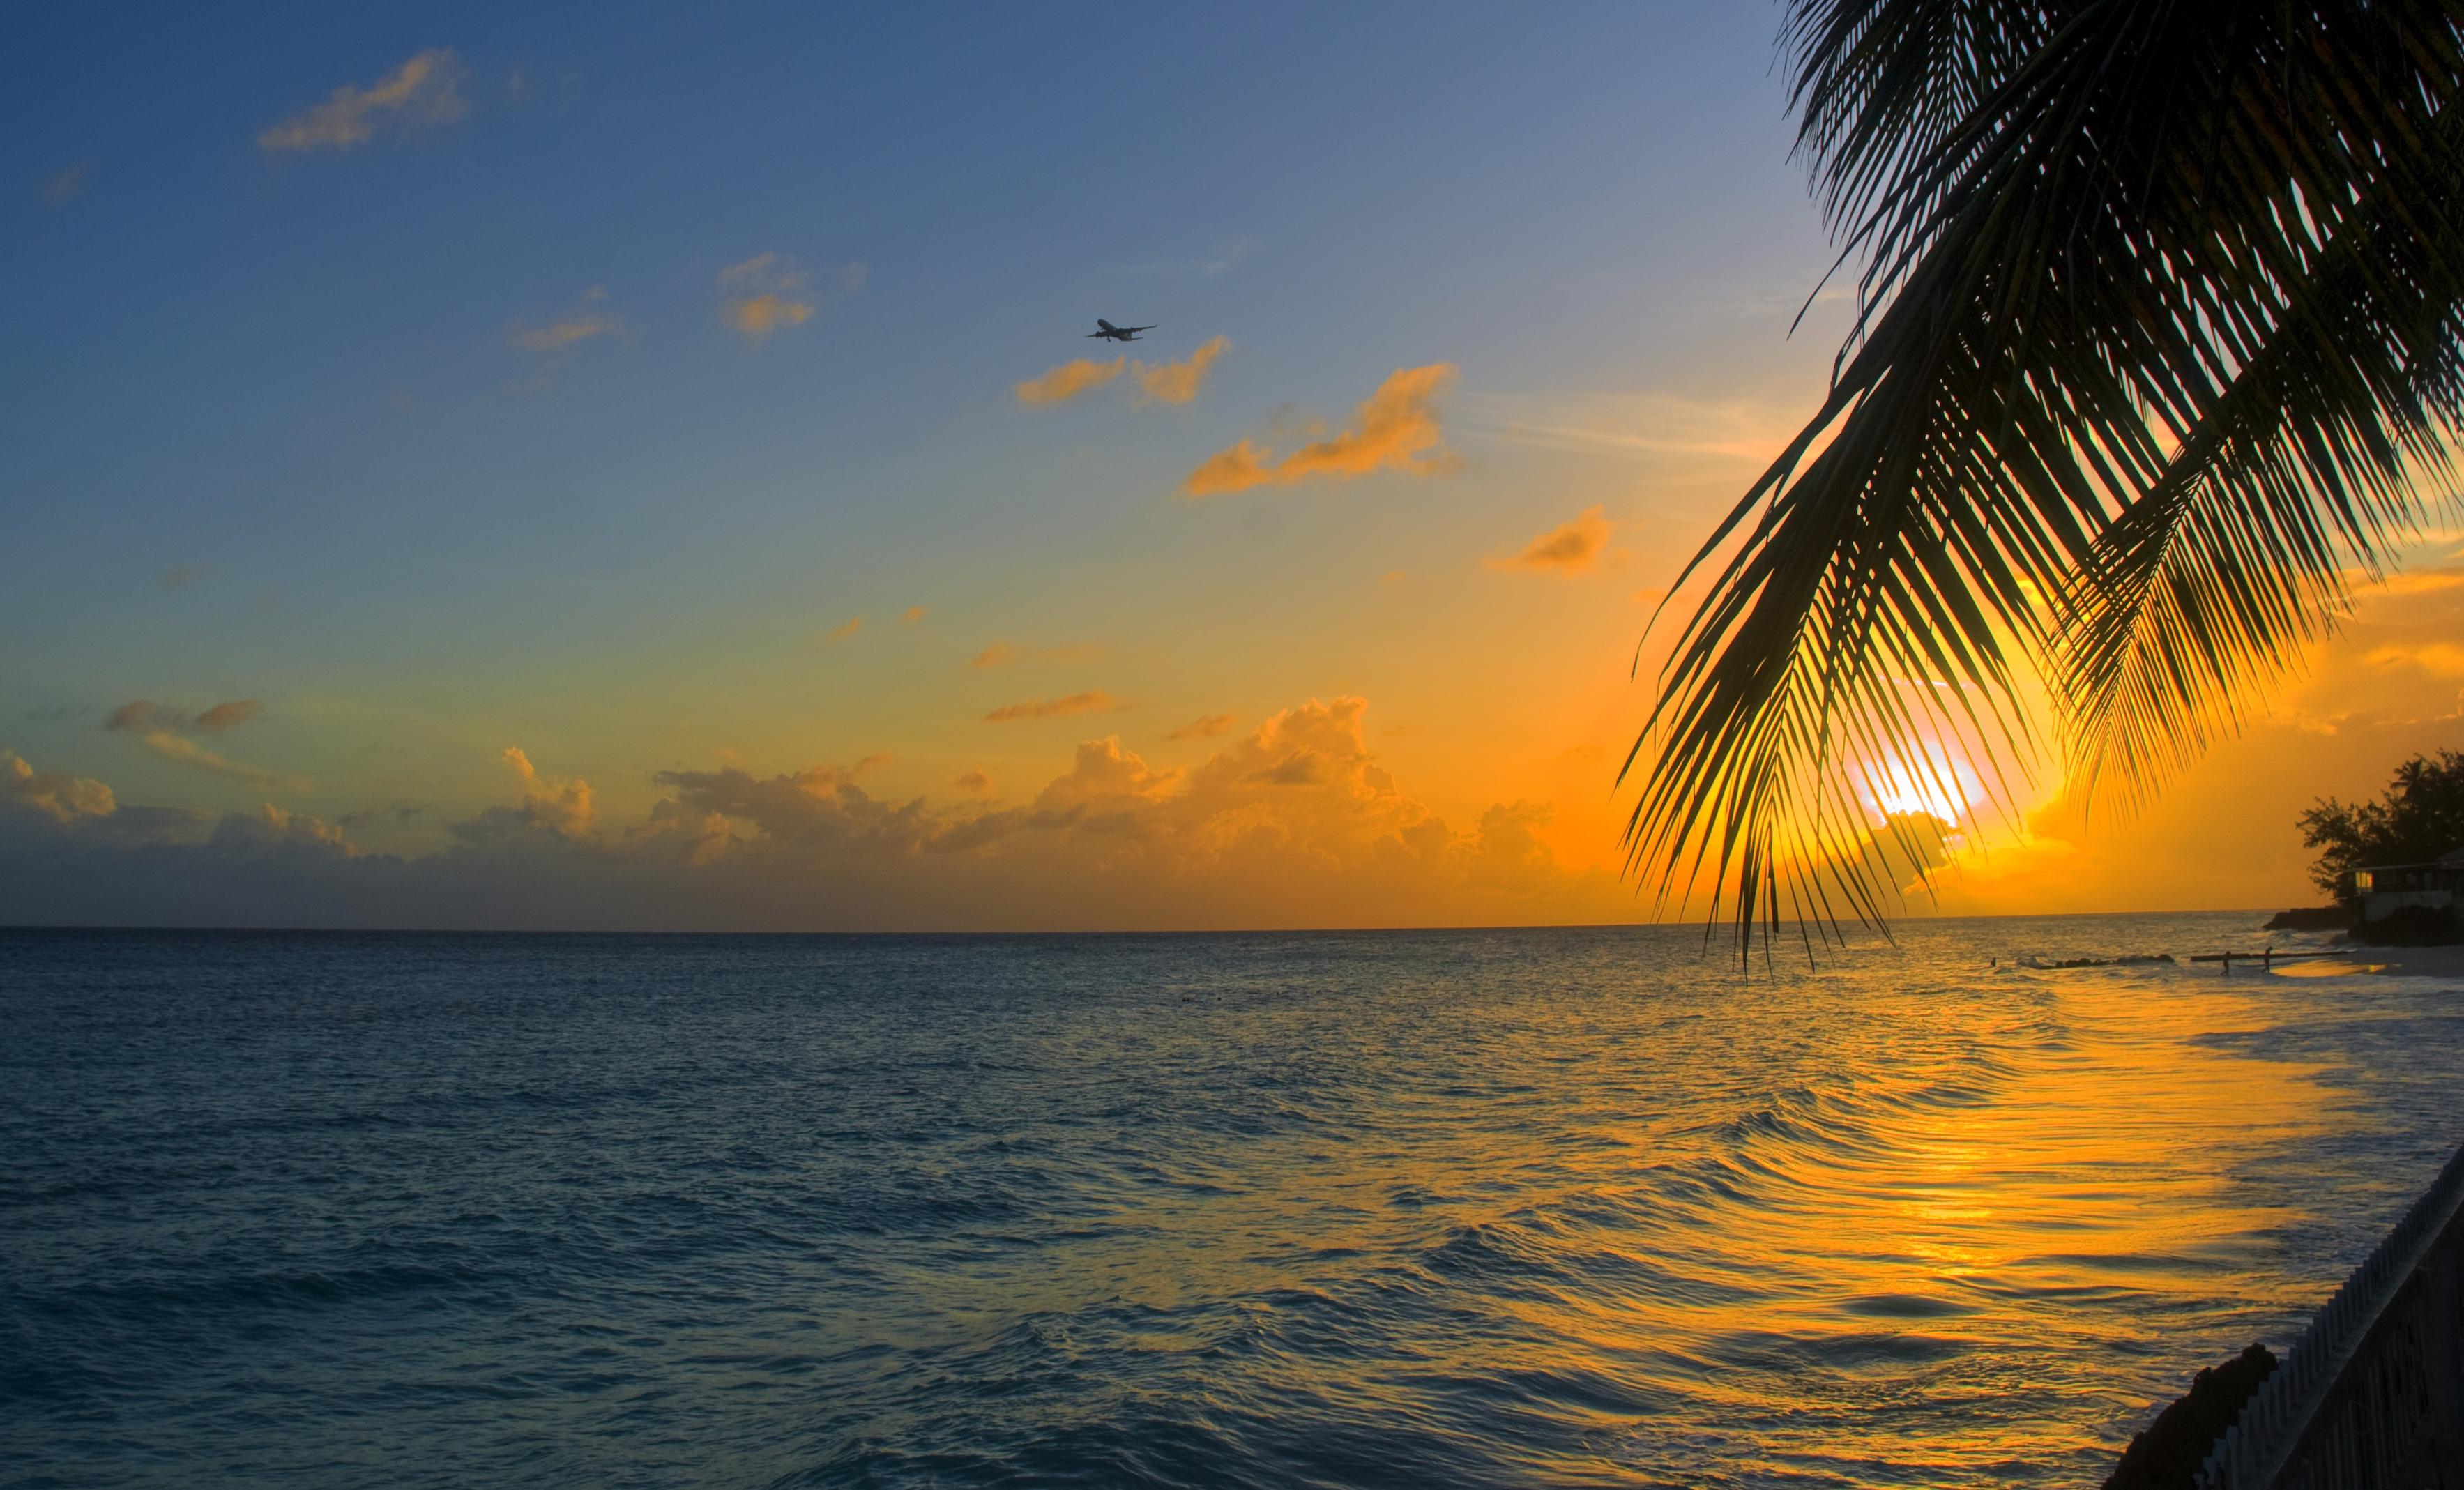 87471 免費下載壁紙 性质, 海洋, 日落, 棕榈, 帕尔马, 支撑, 海岸, 巴巴多斯 屏保和圖片